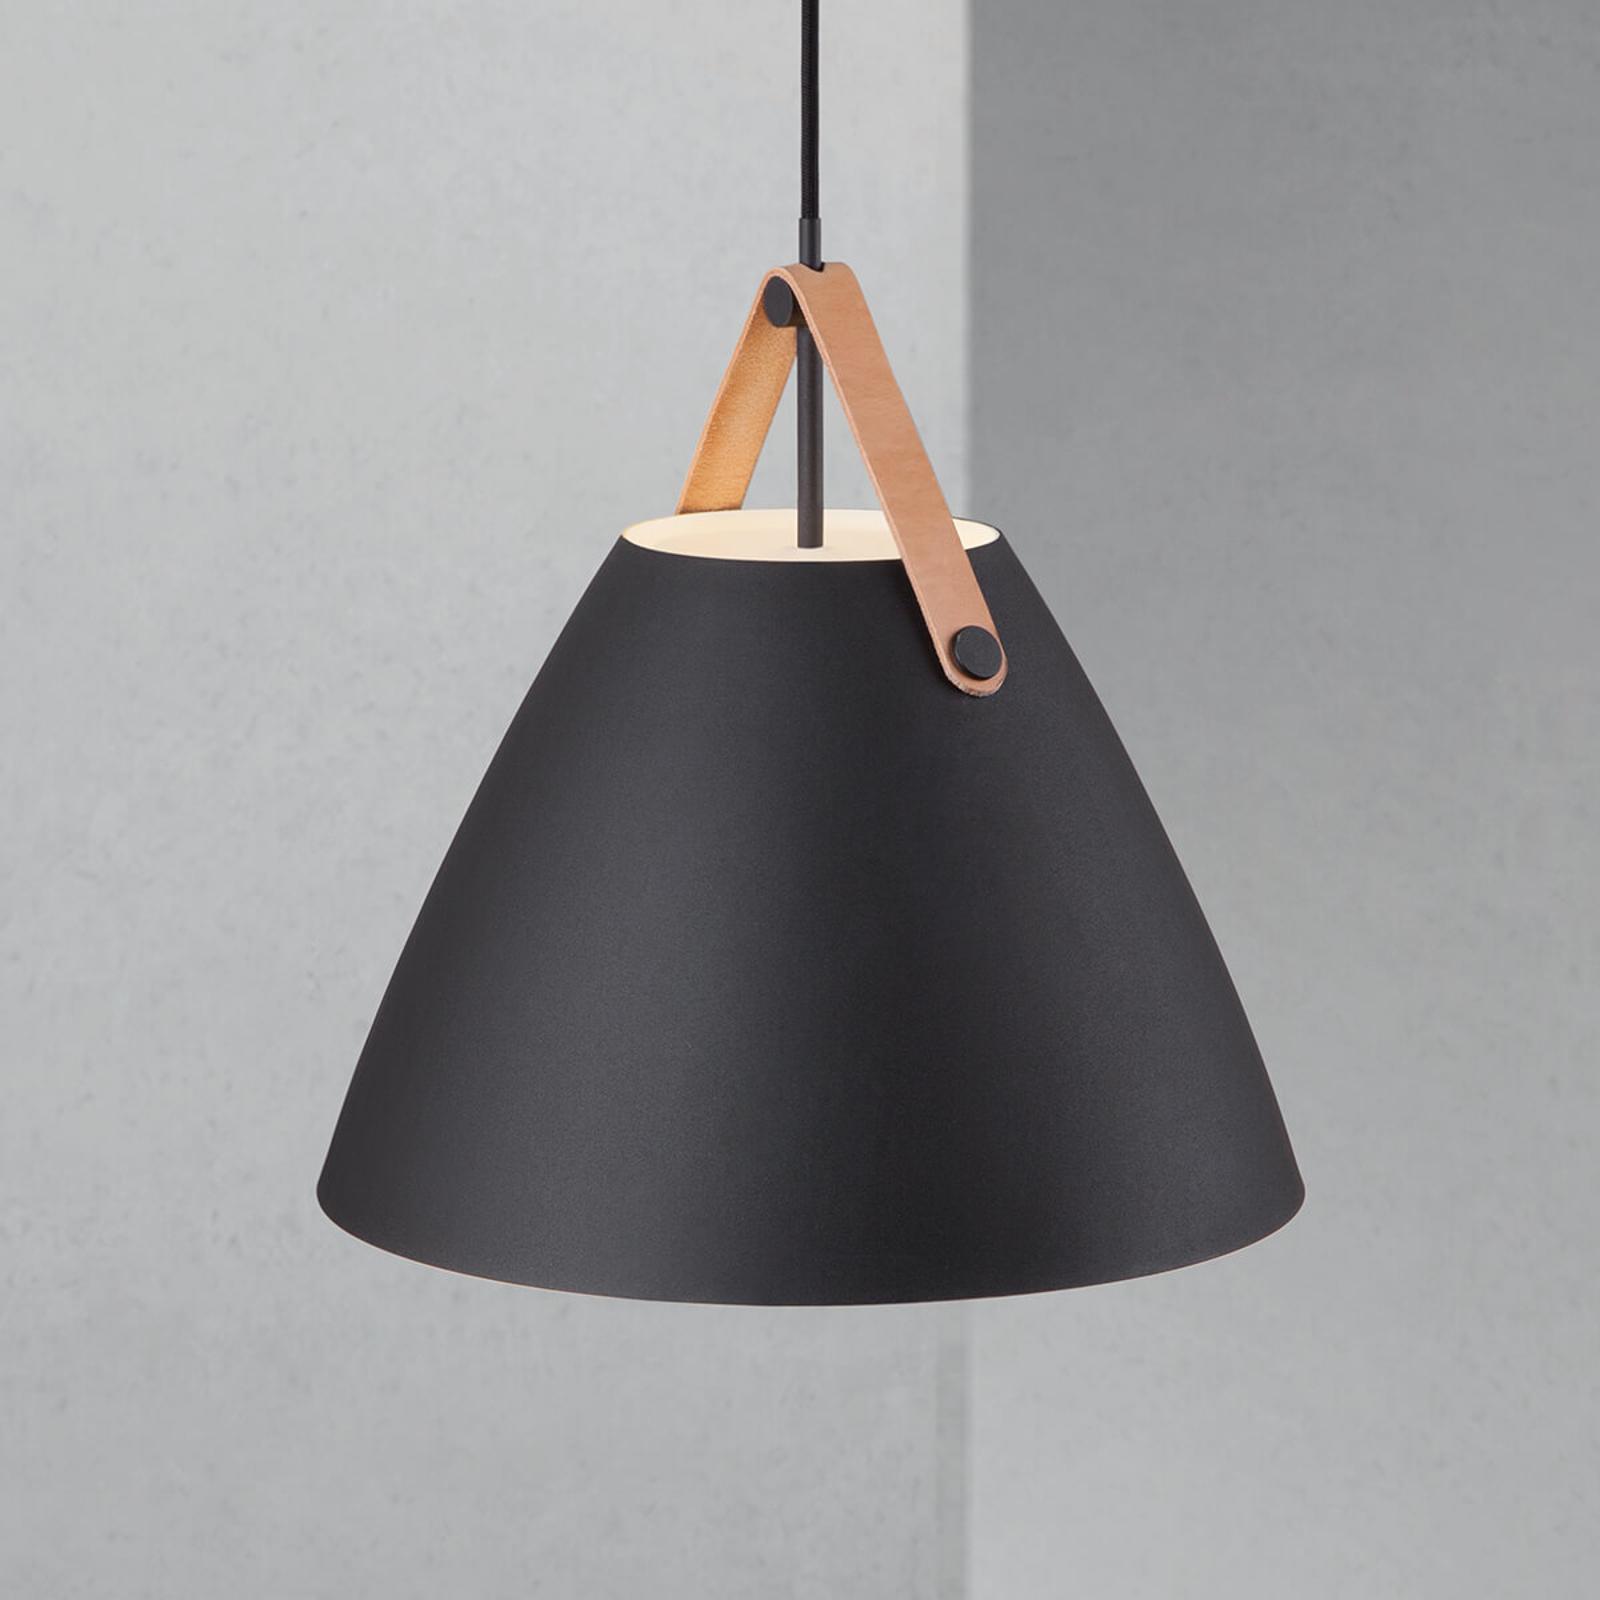 Suspension LED Strap avec bride en cuir